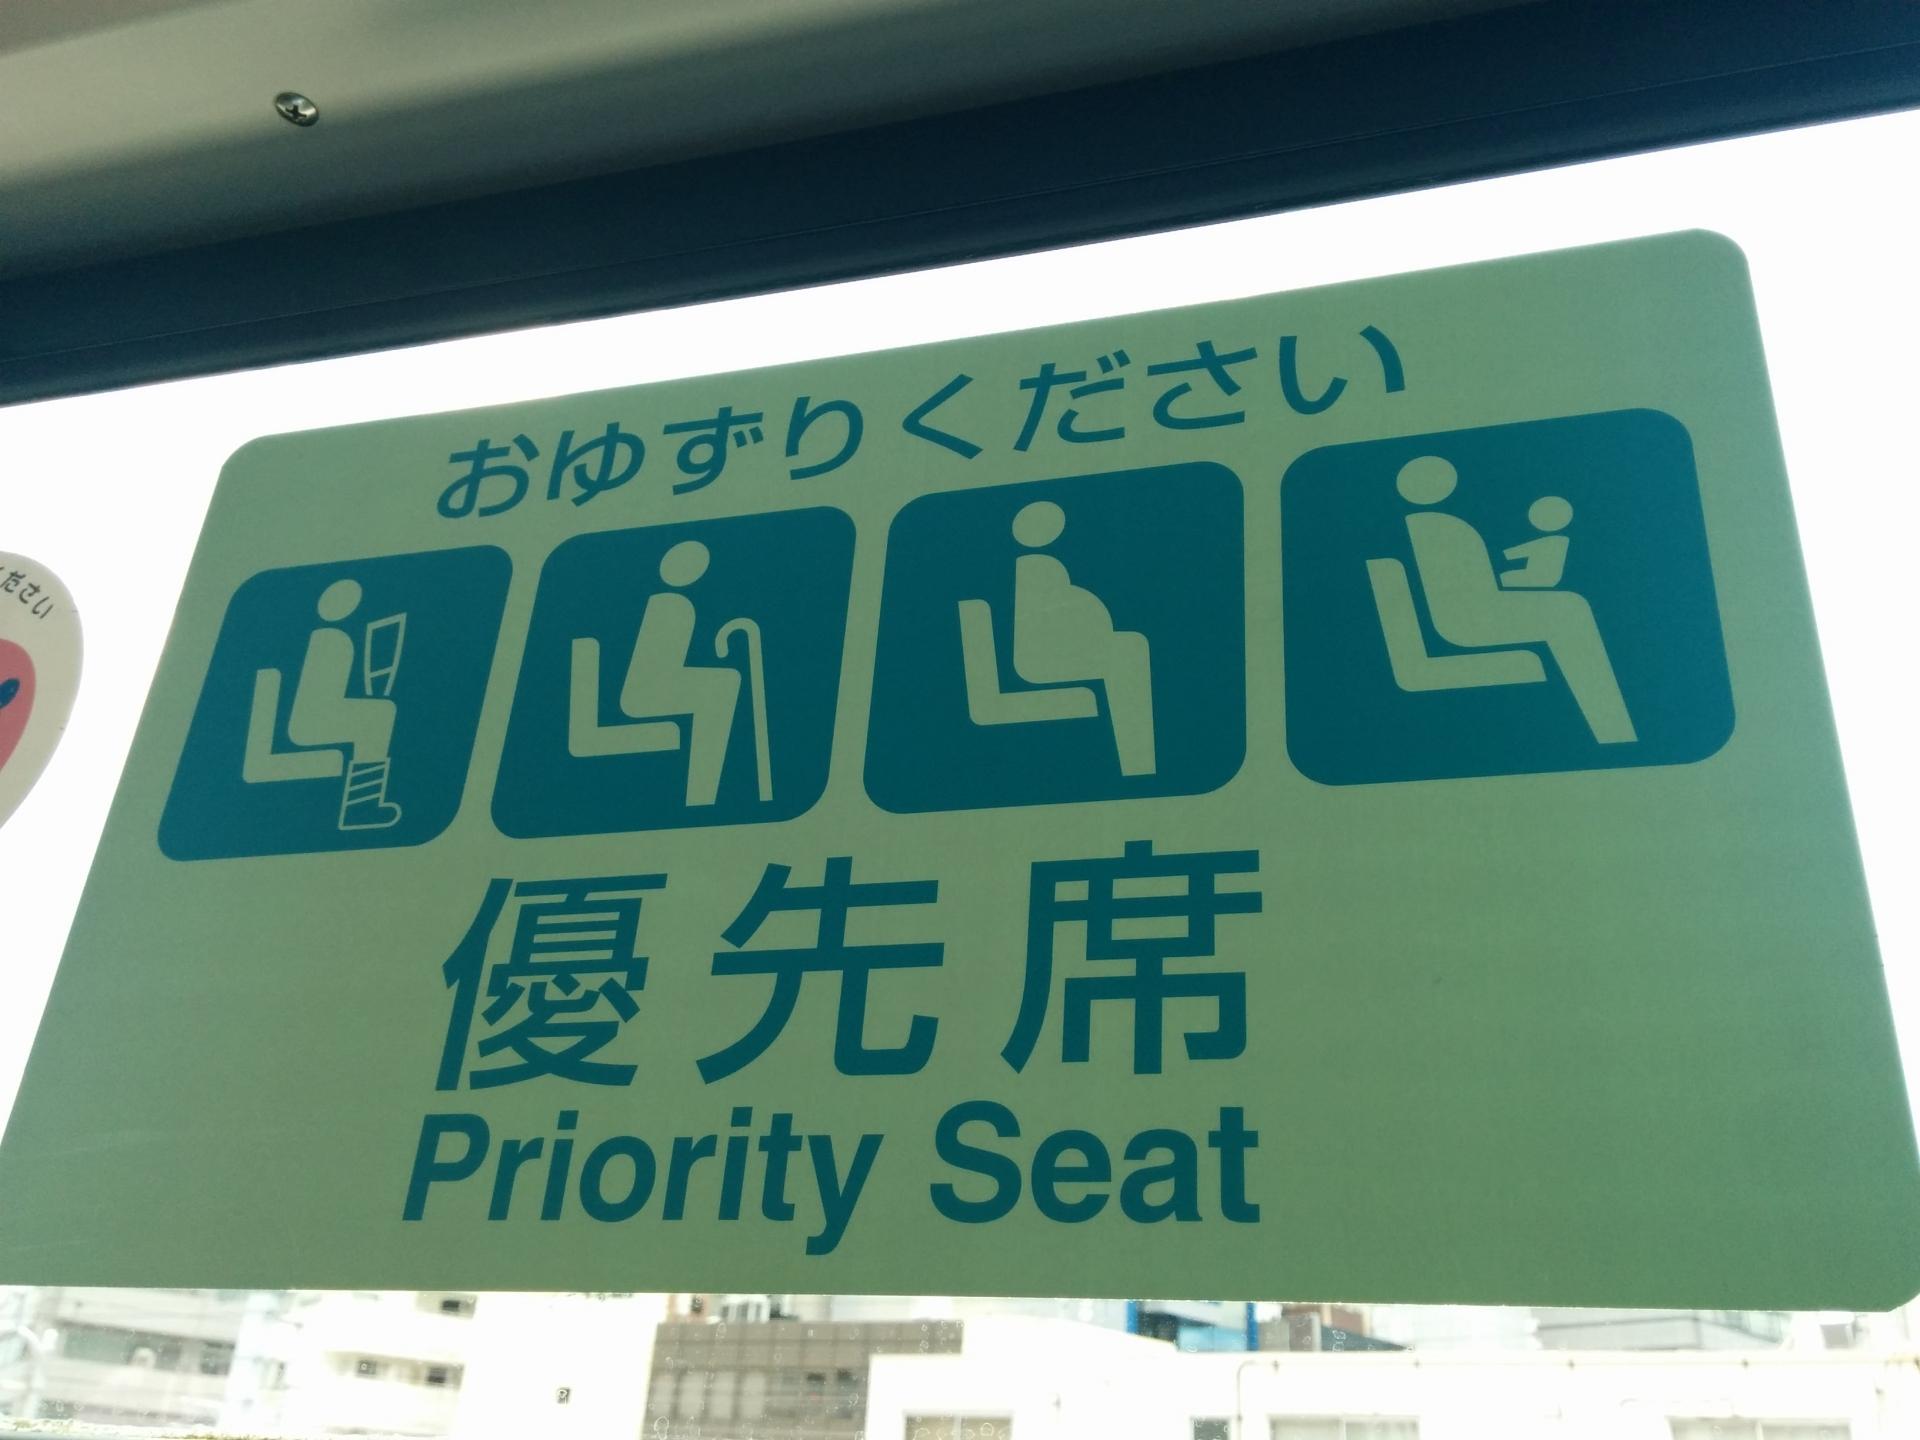 携帯を電車内で使う時のマナーってどんなものがあるでしょう